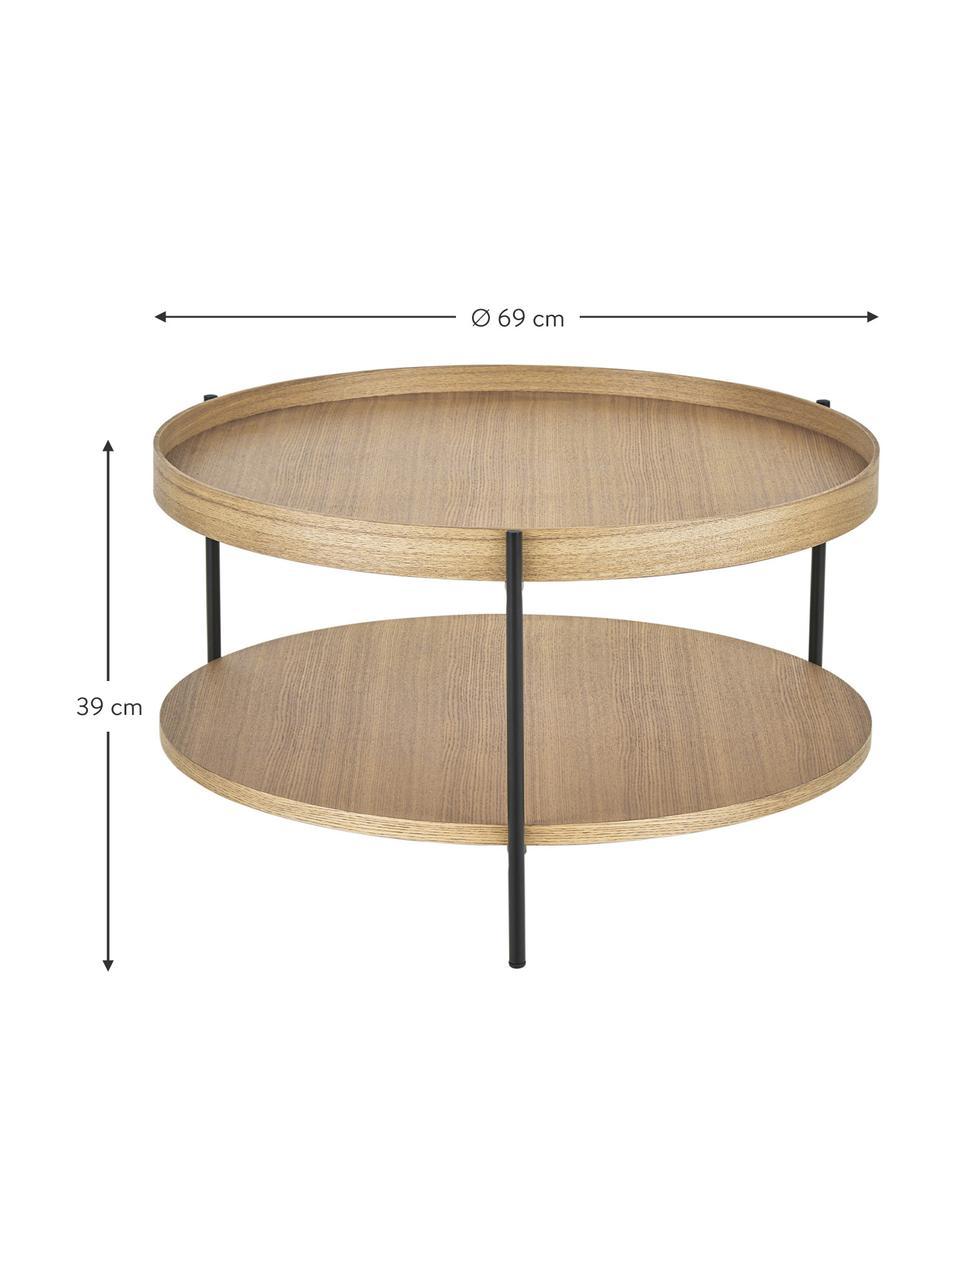 Houten salontafel Renee met essenhoutfineer, Frame: gepoedercoat metaal, Essenhoutkleurig, Ø 69 x H 39 cm